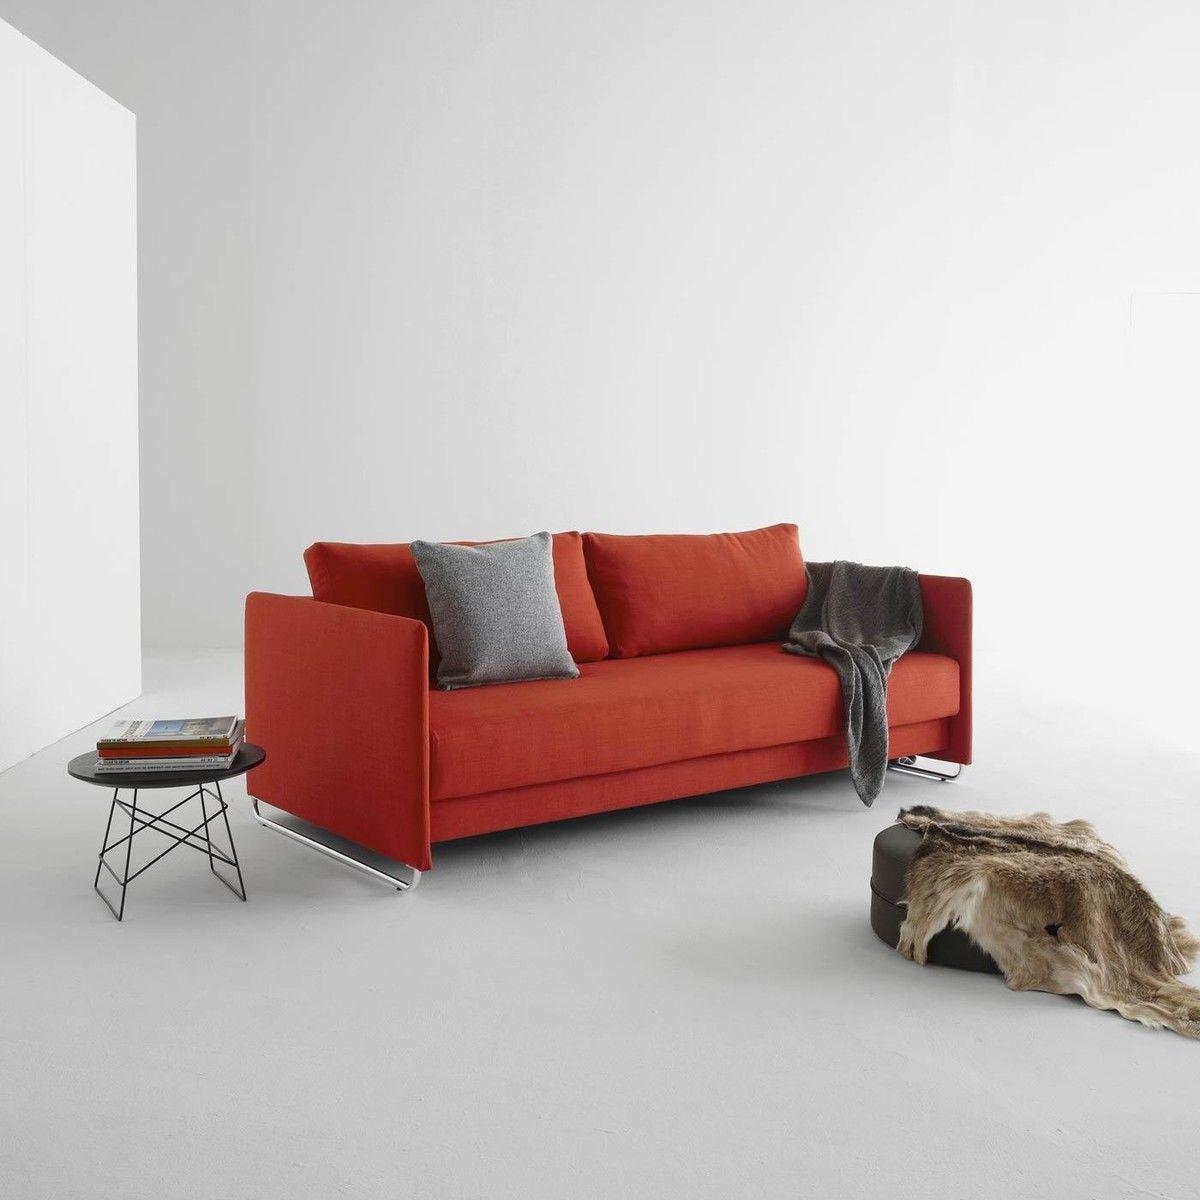 upend sofa bed innovation. Black Bedroom Furniture Sets. Home Design Ideas